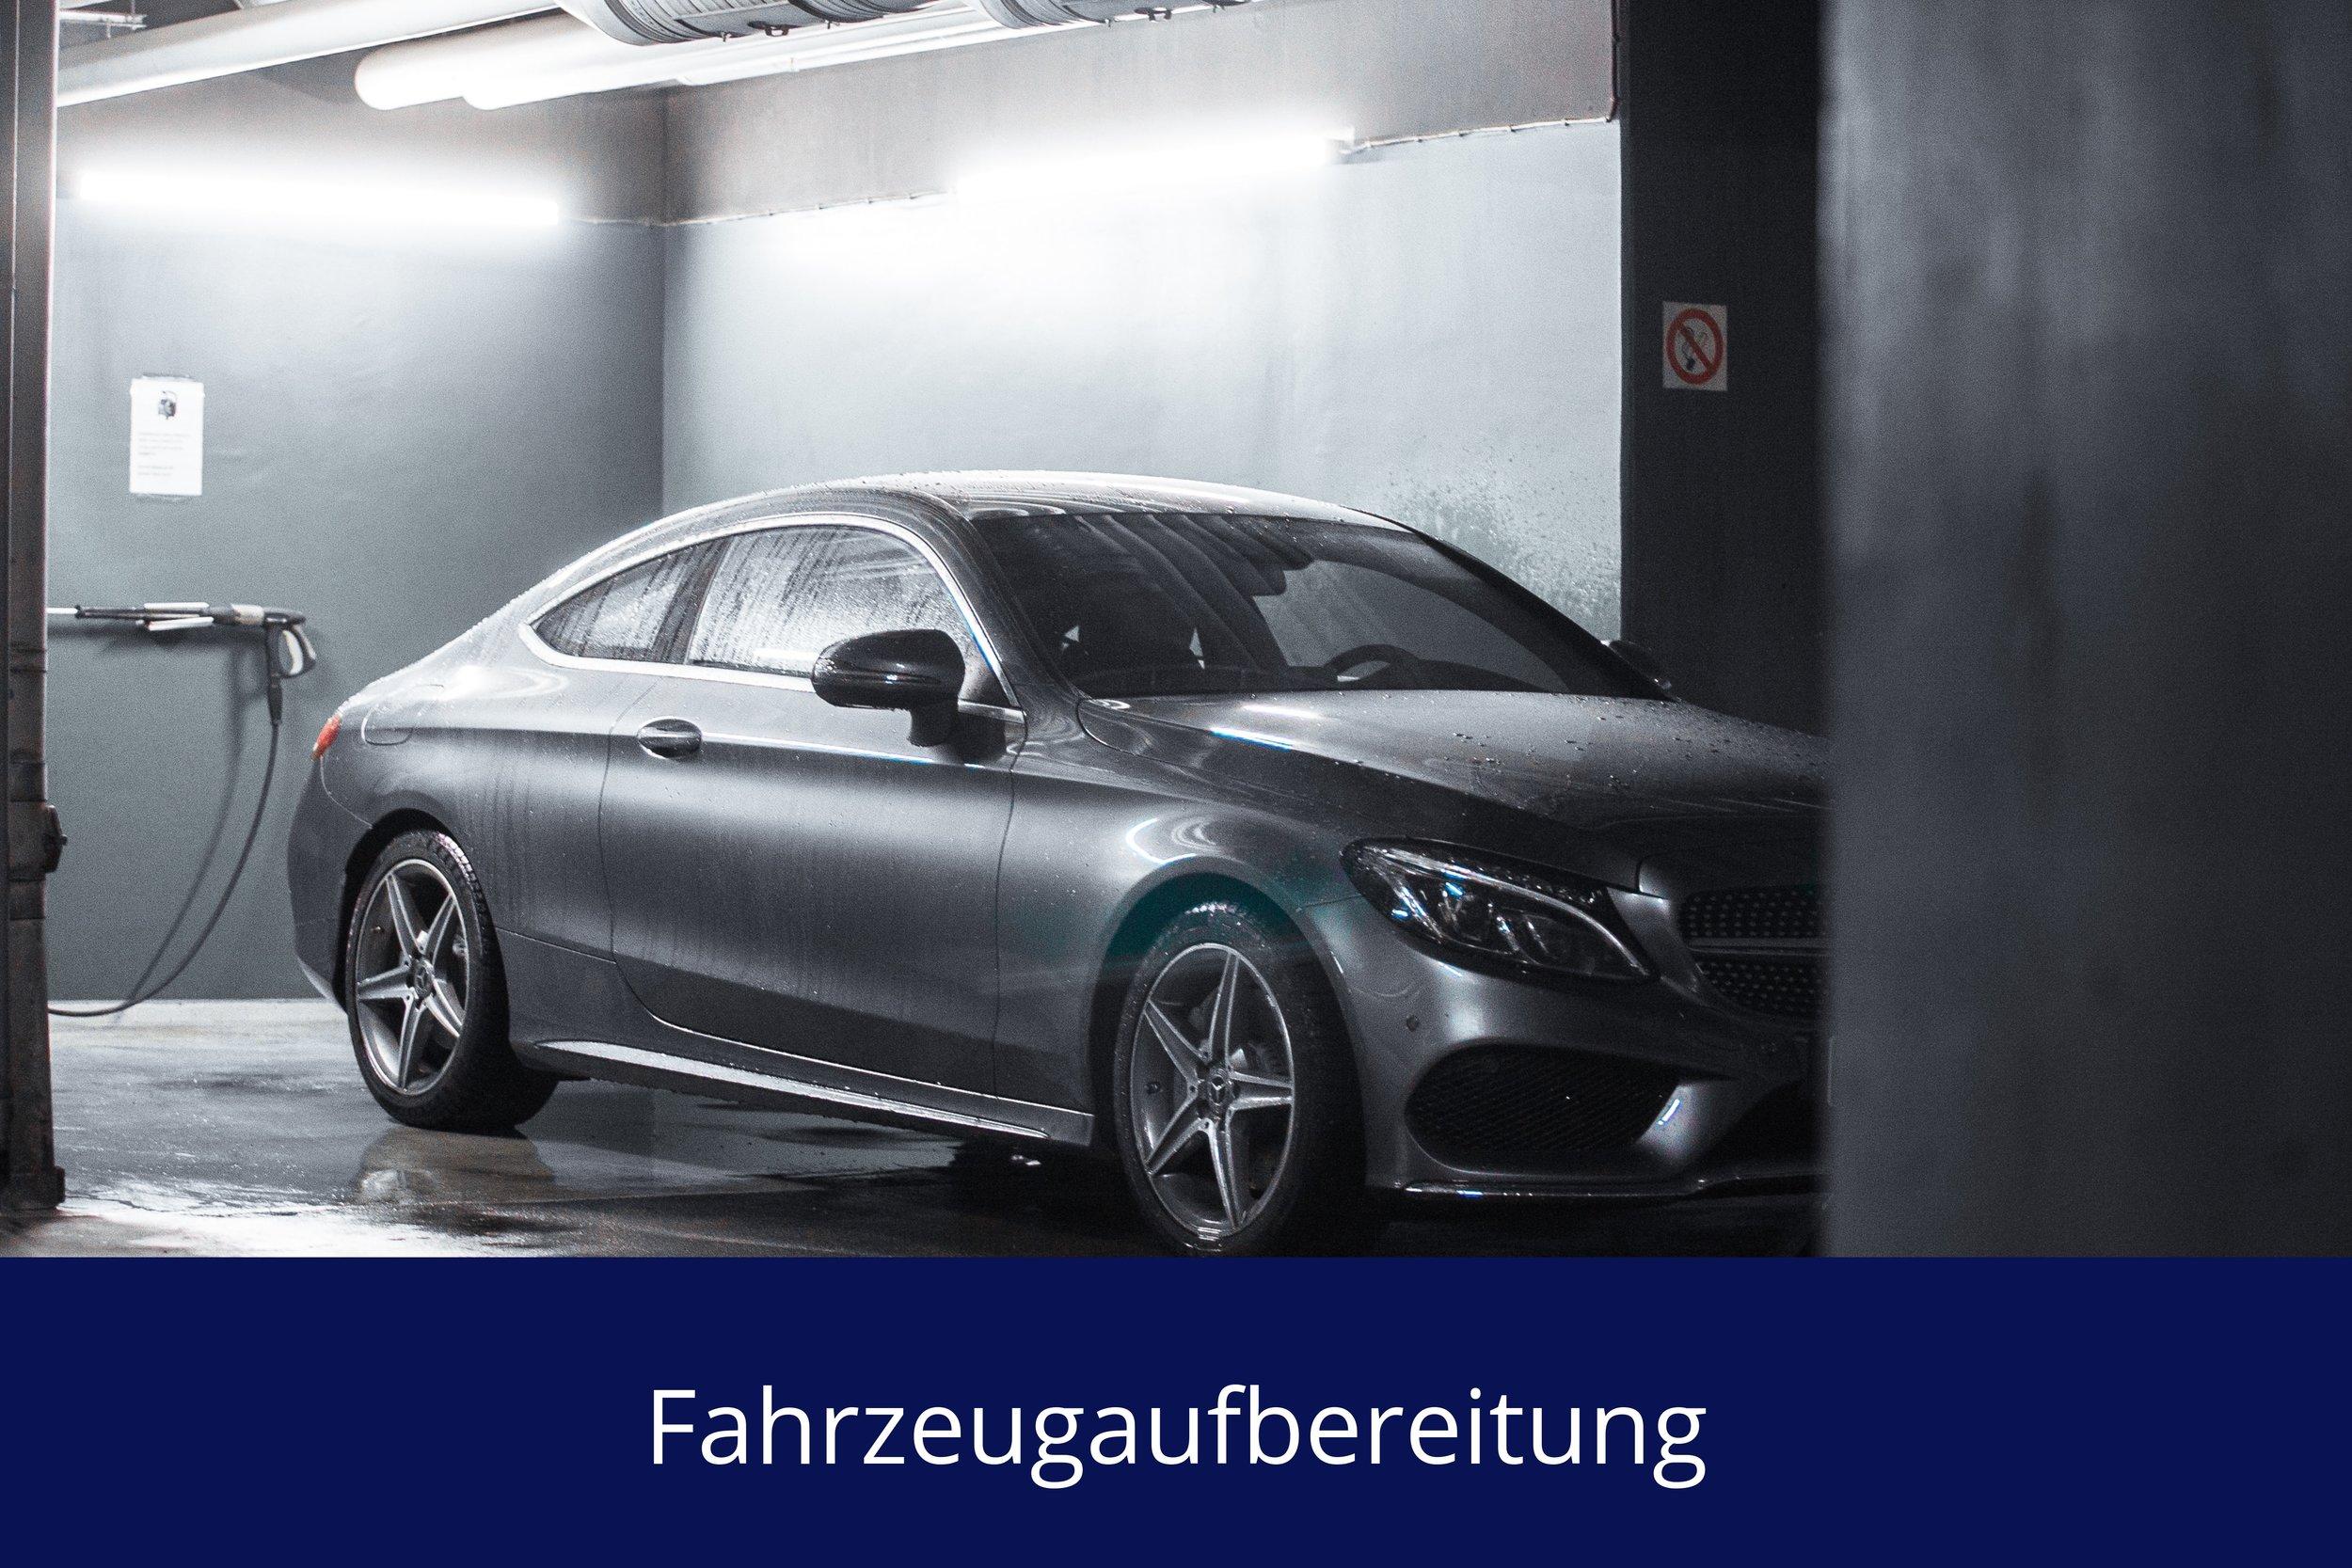 Deutschland- und europaweite Fahrzeugüberführungen auf eigener Achse..jpg